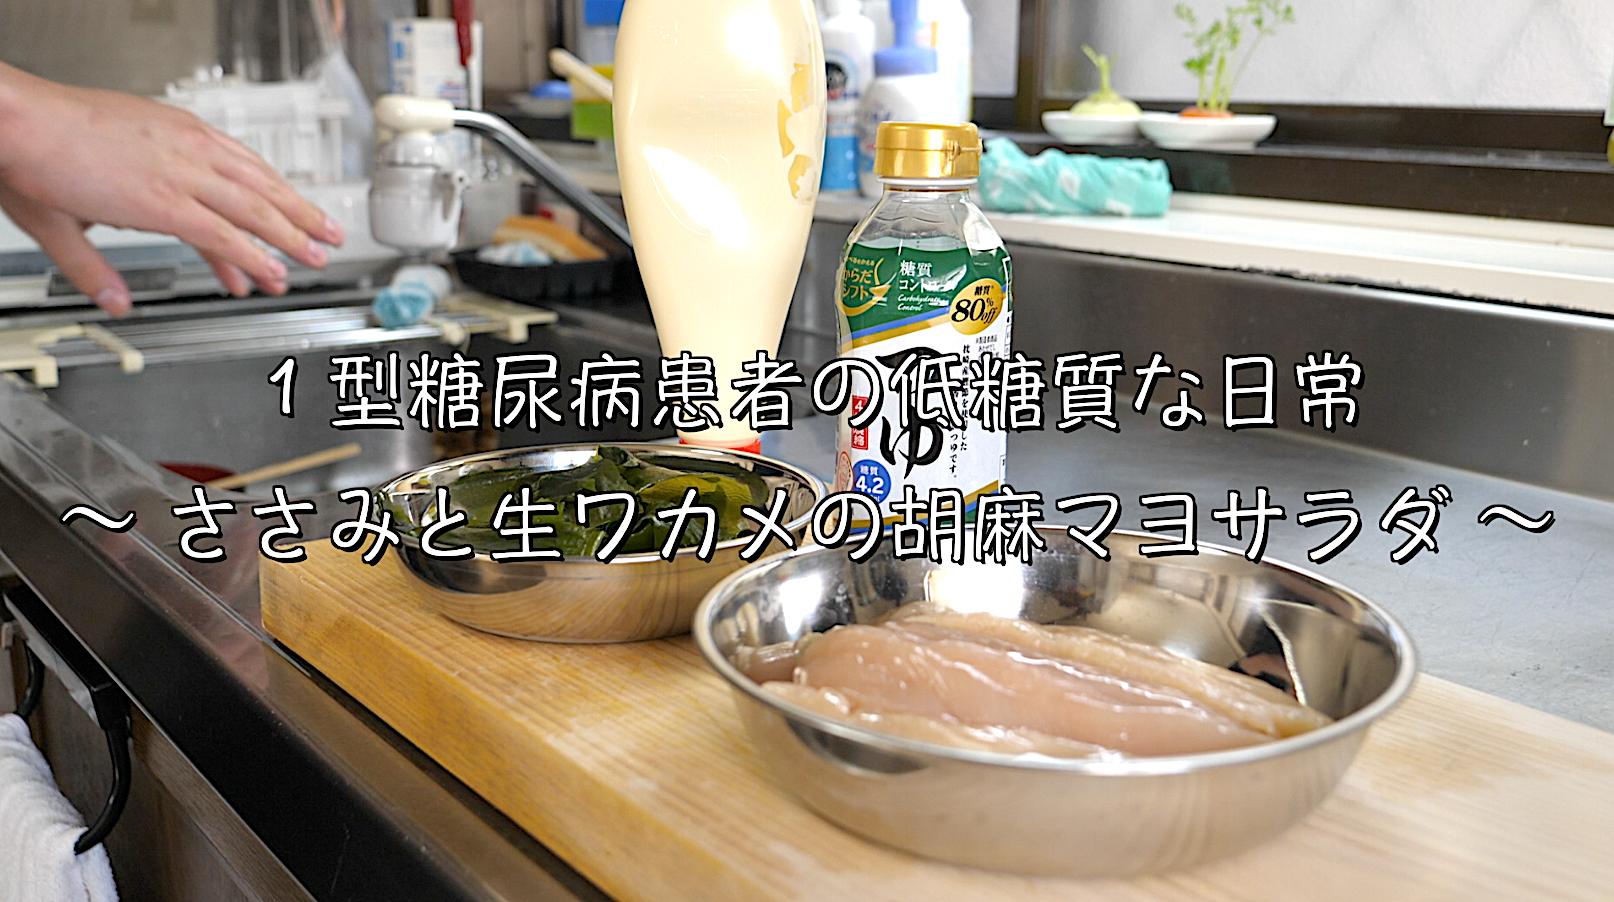 生ワカメ ささみ サラダ レシピ